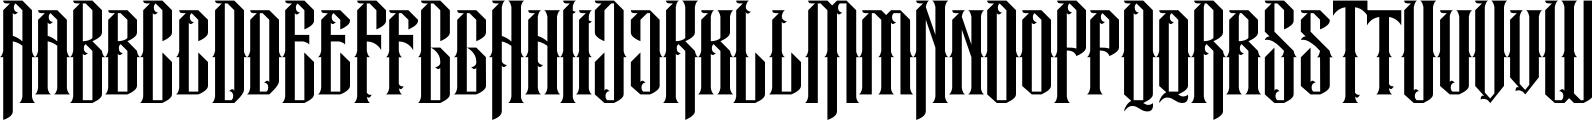 Temenyut